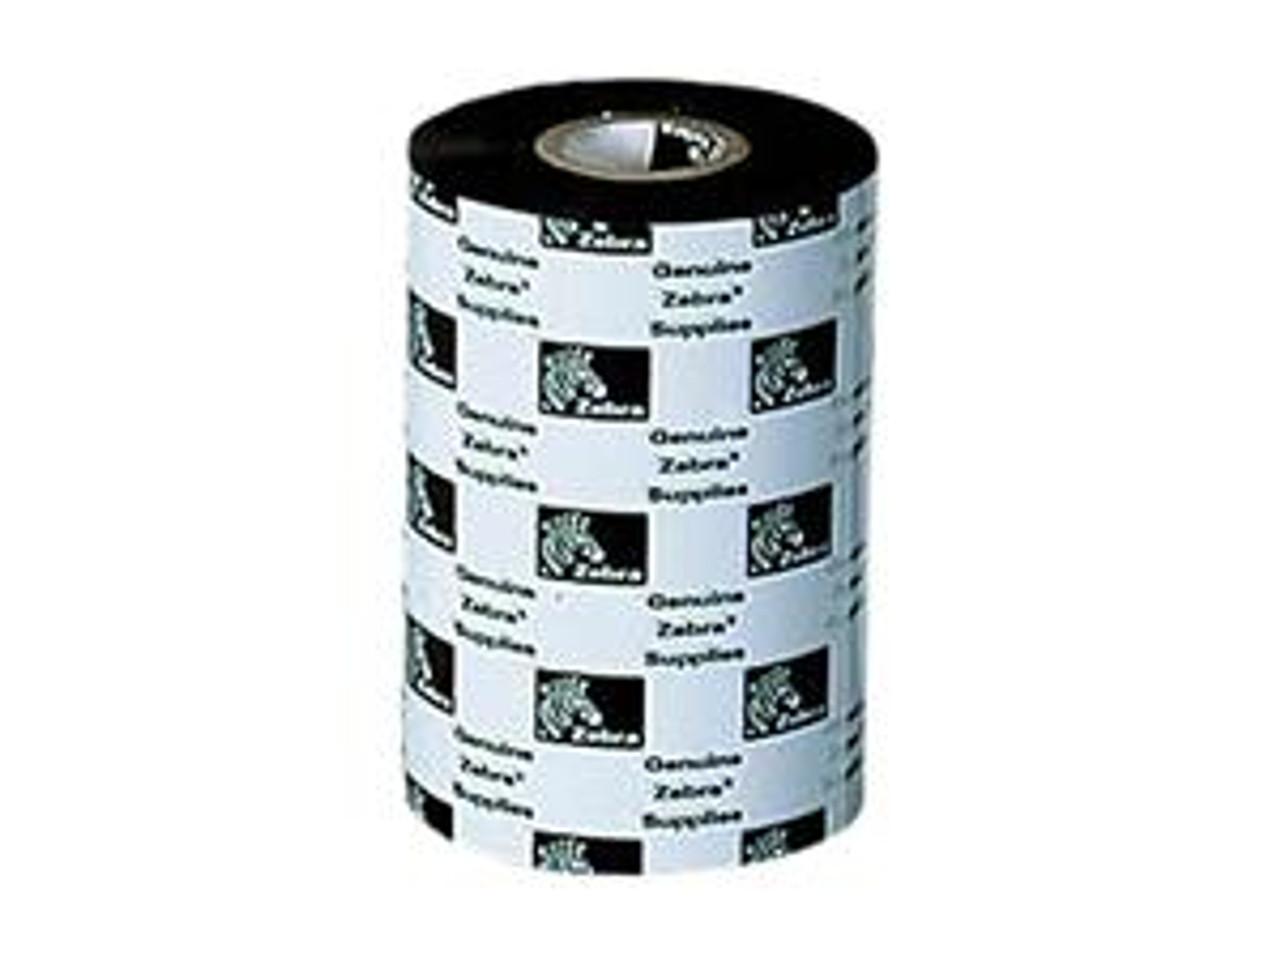 ZEBRA 05319GS11007 Label Printer Wax Ribbon